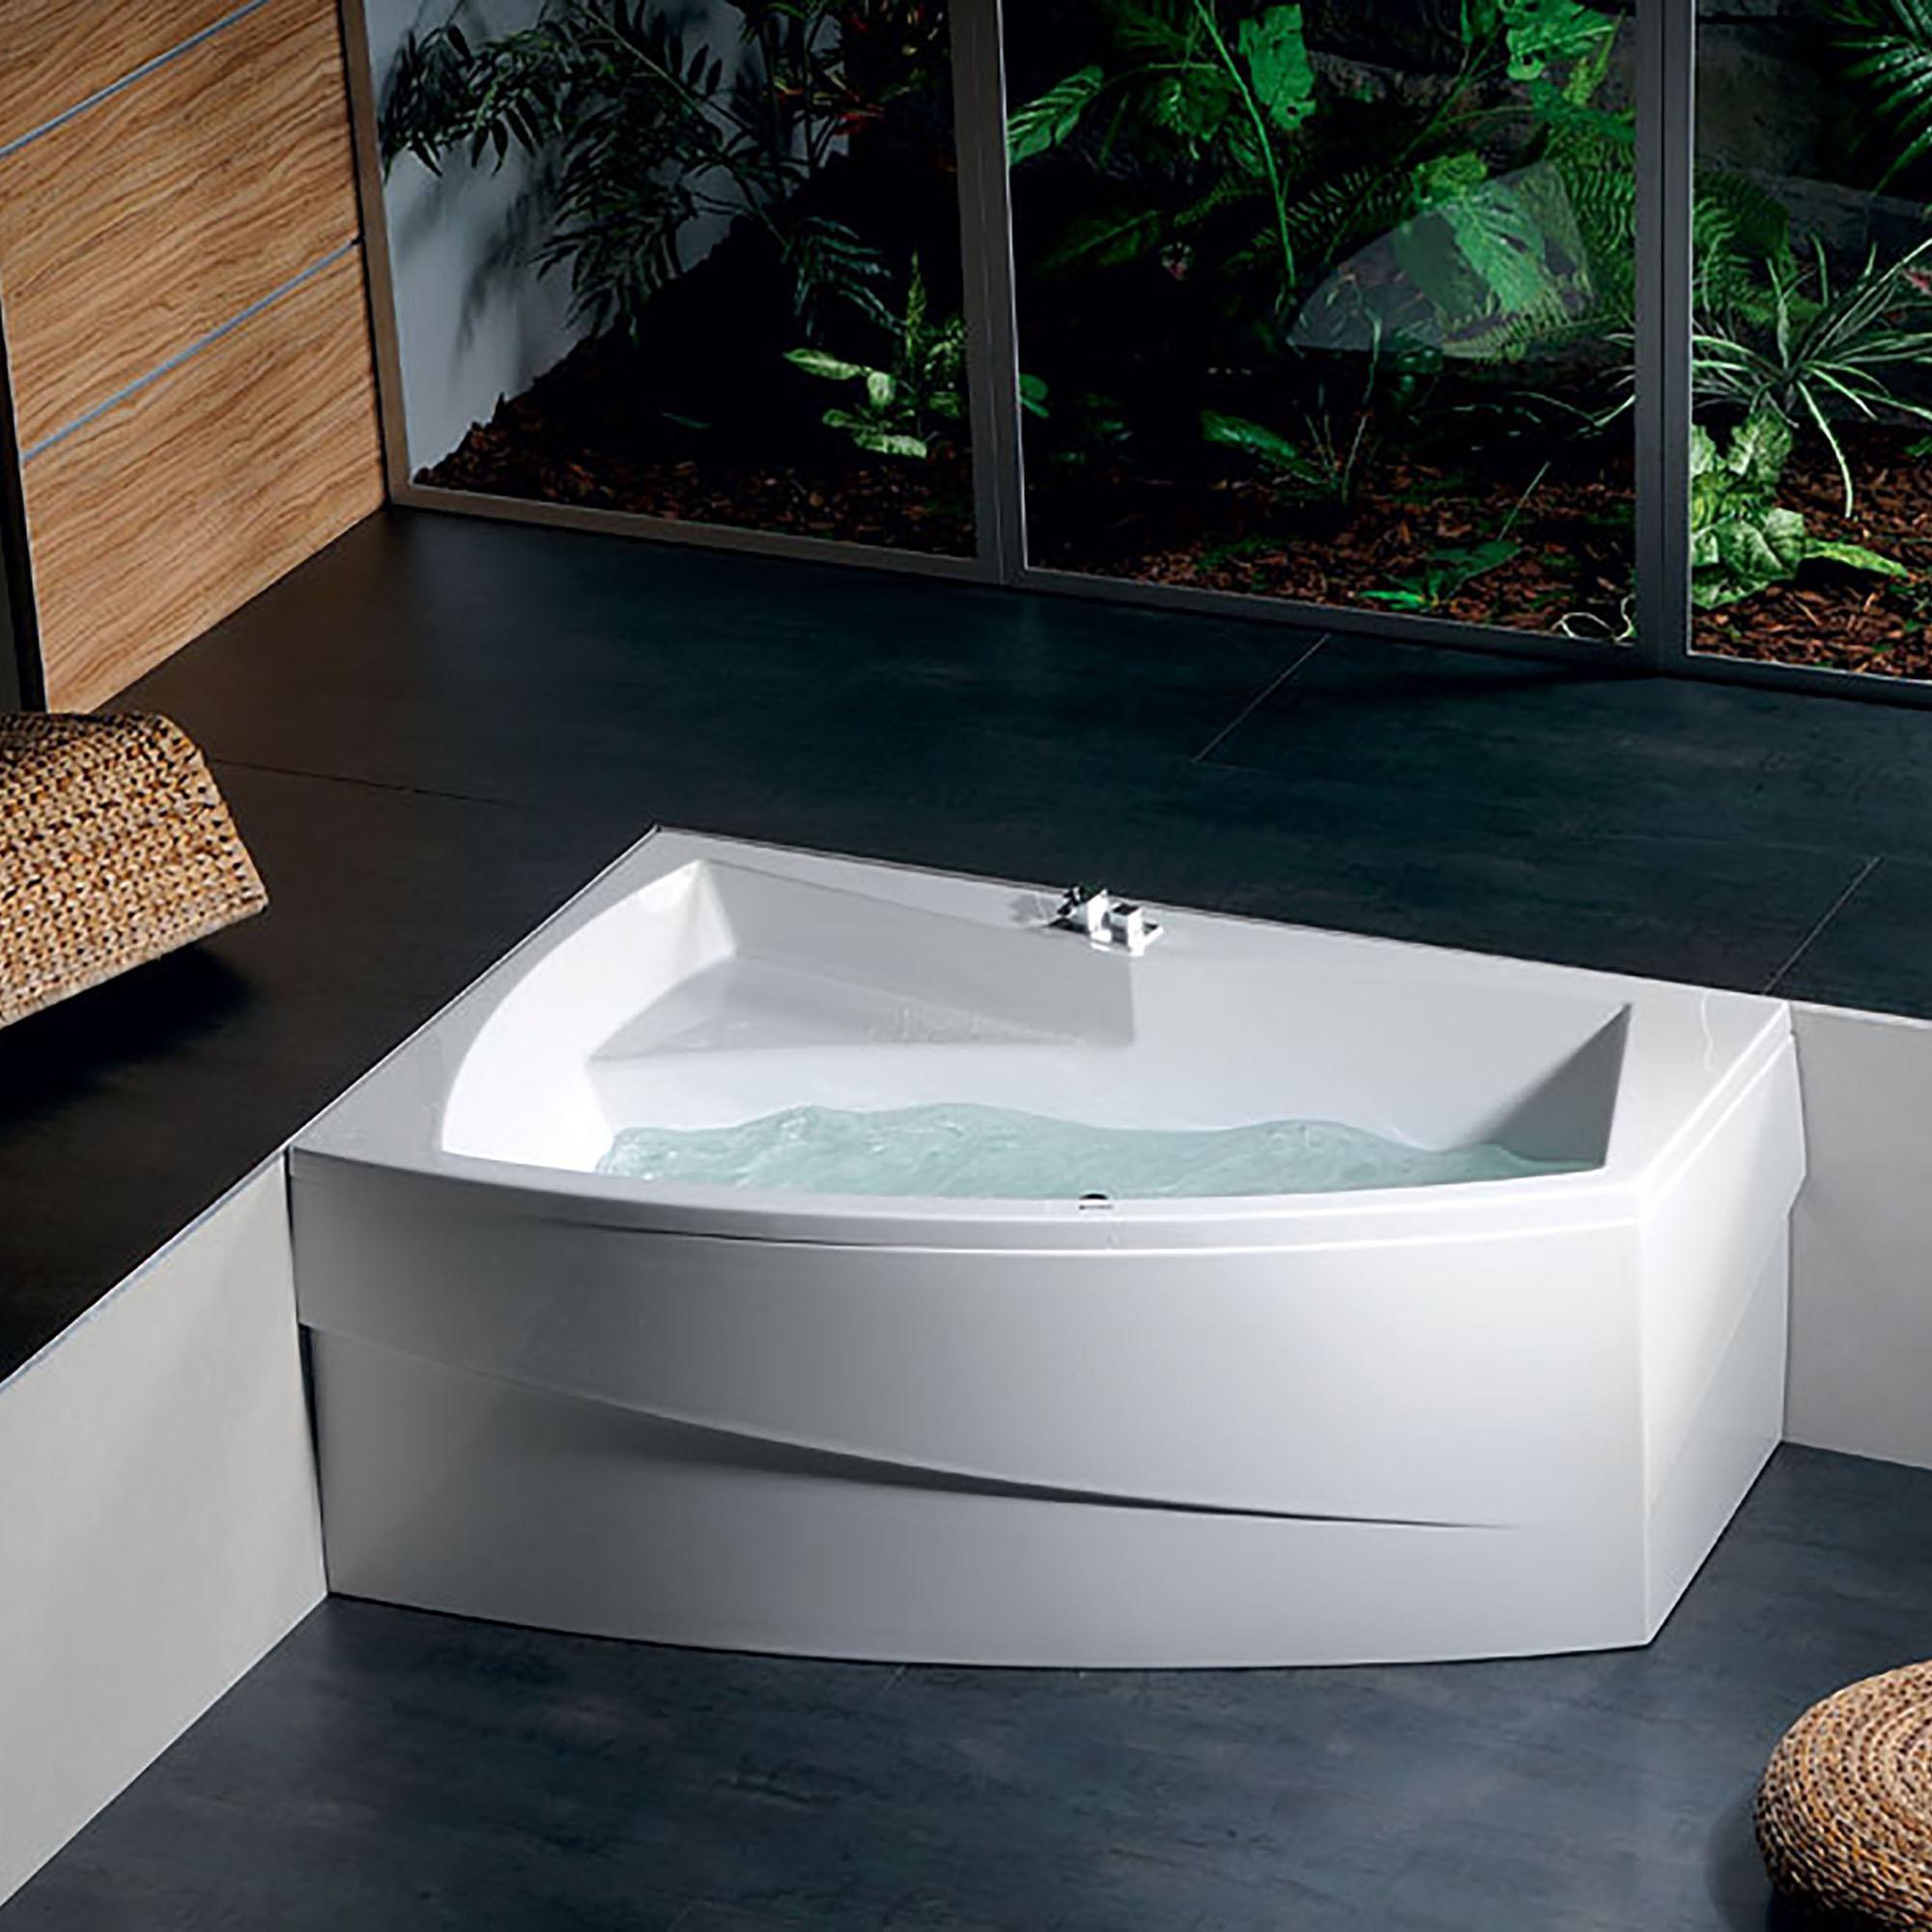 Акриловая ванна Alpen Evia 170x100 L акриловая ванна alpen mamba 160 l